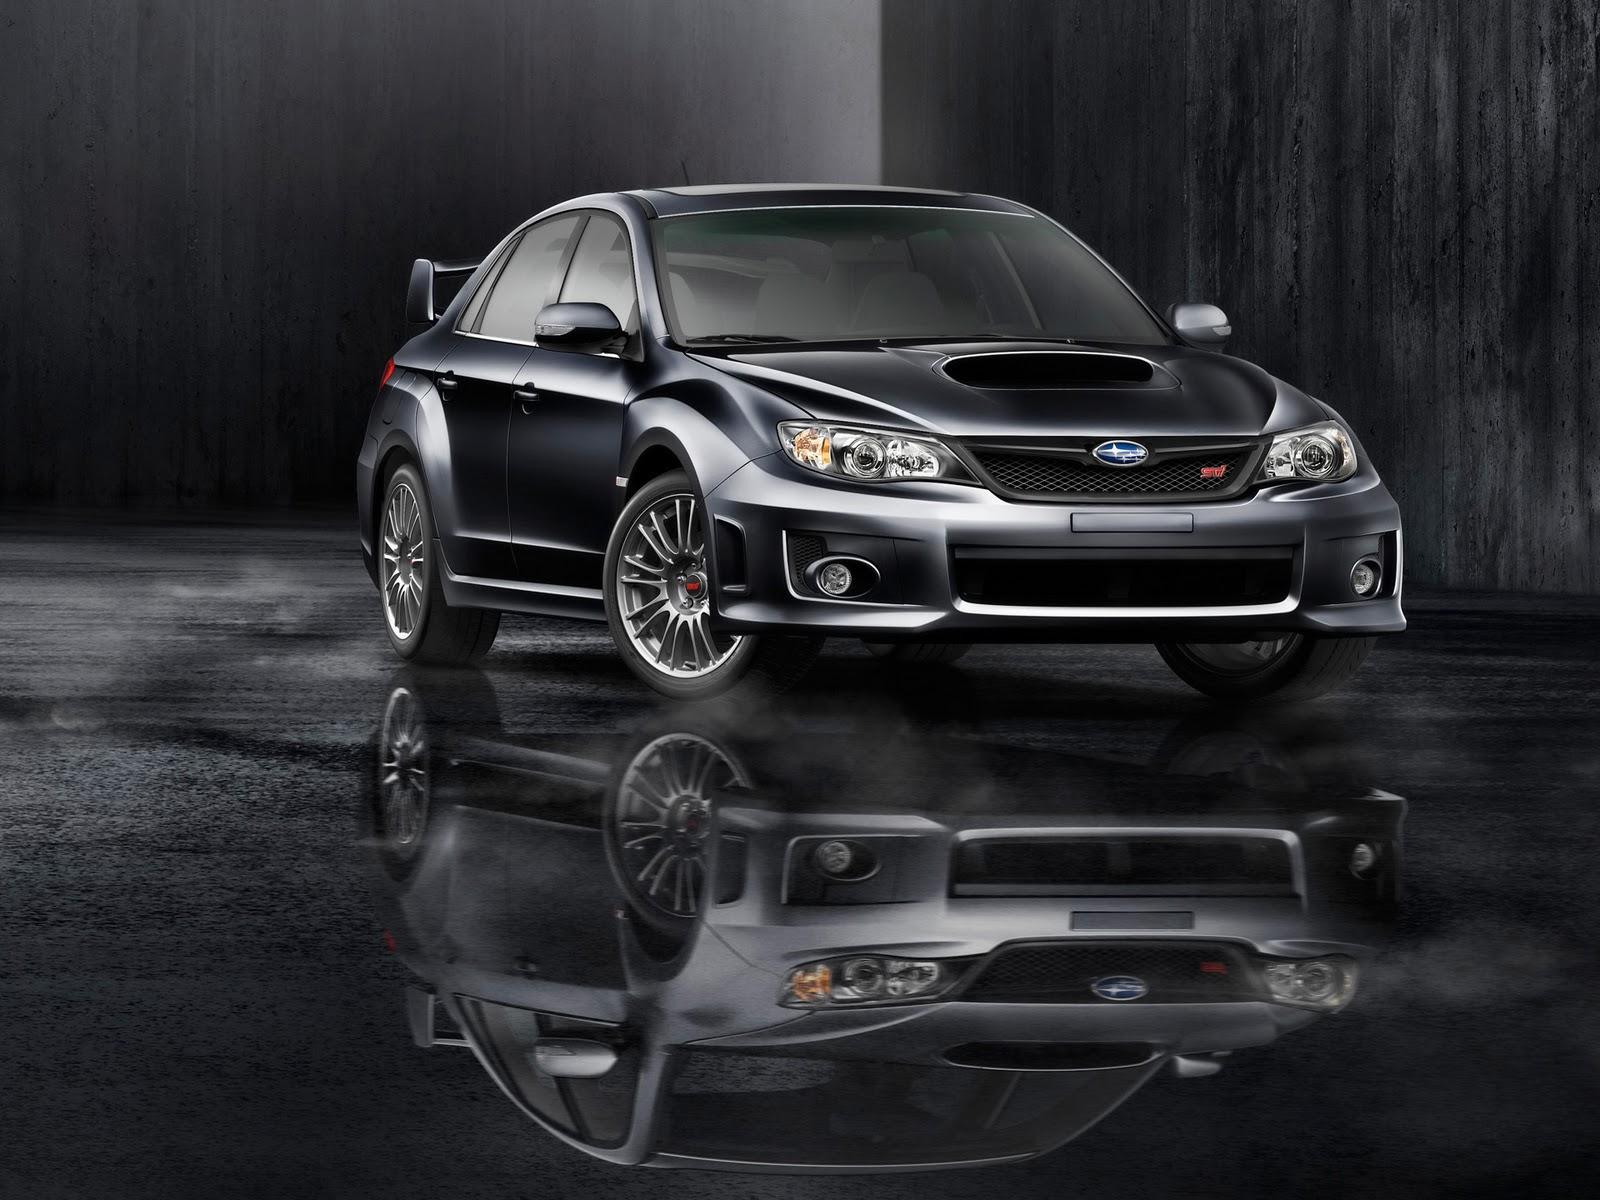 http://4.bp.blogspot.com/_viCh1SFyGrA/TPHtjq7SufI/AAAAAAAAAKo/o4o0sLfZ4y0/s1600/2011-Subaru-Impreza-WRX-STI-4-door-Front-Angle-1920x1440.jpg